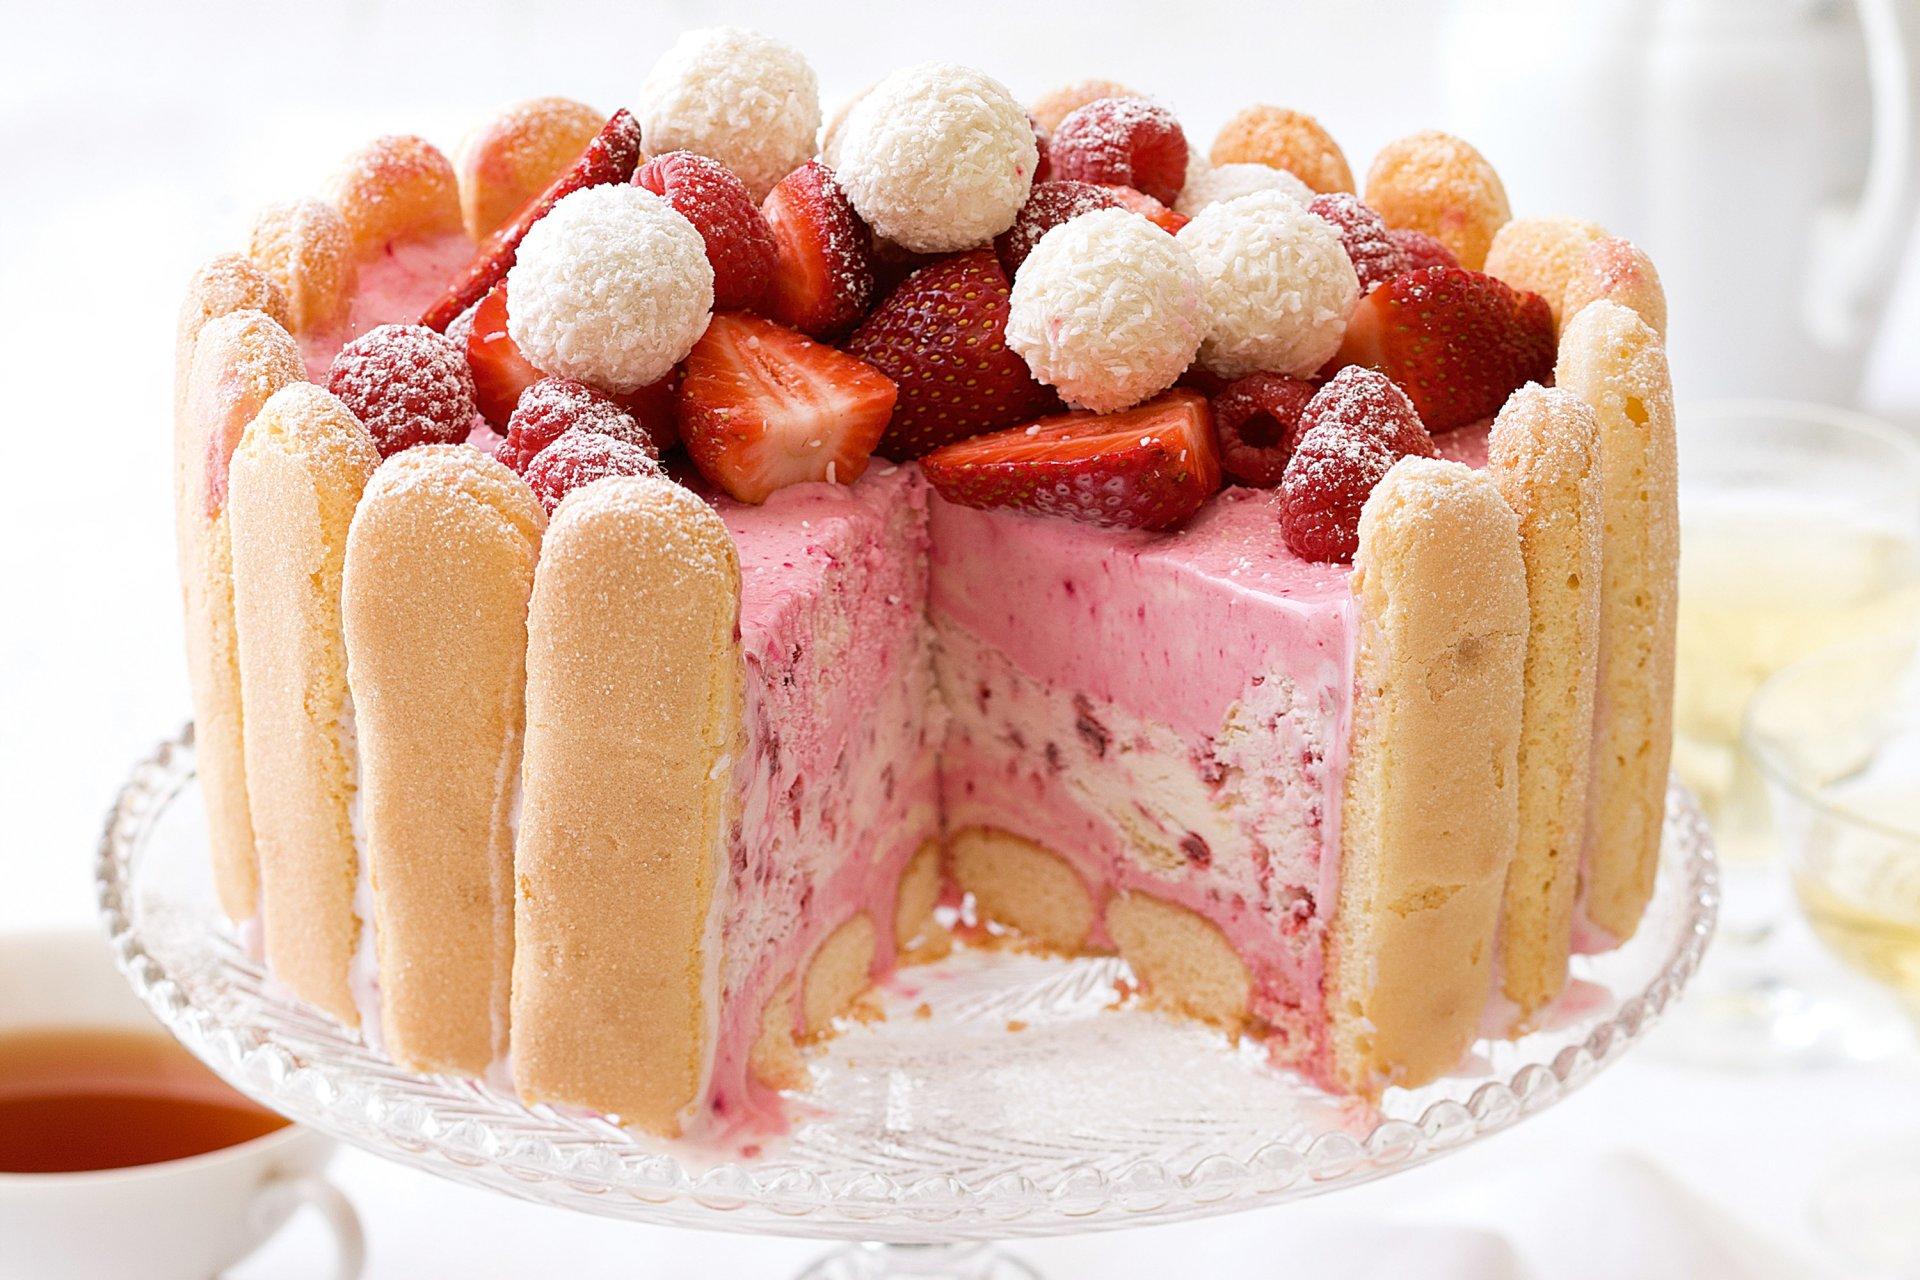 получает картинки еда сладости ядерным взрывом